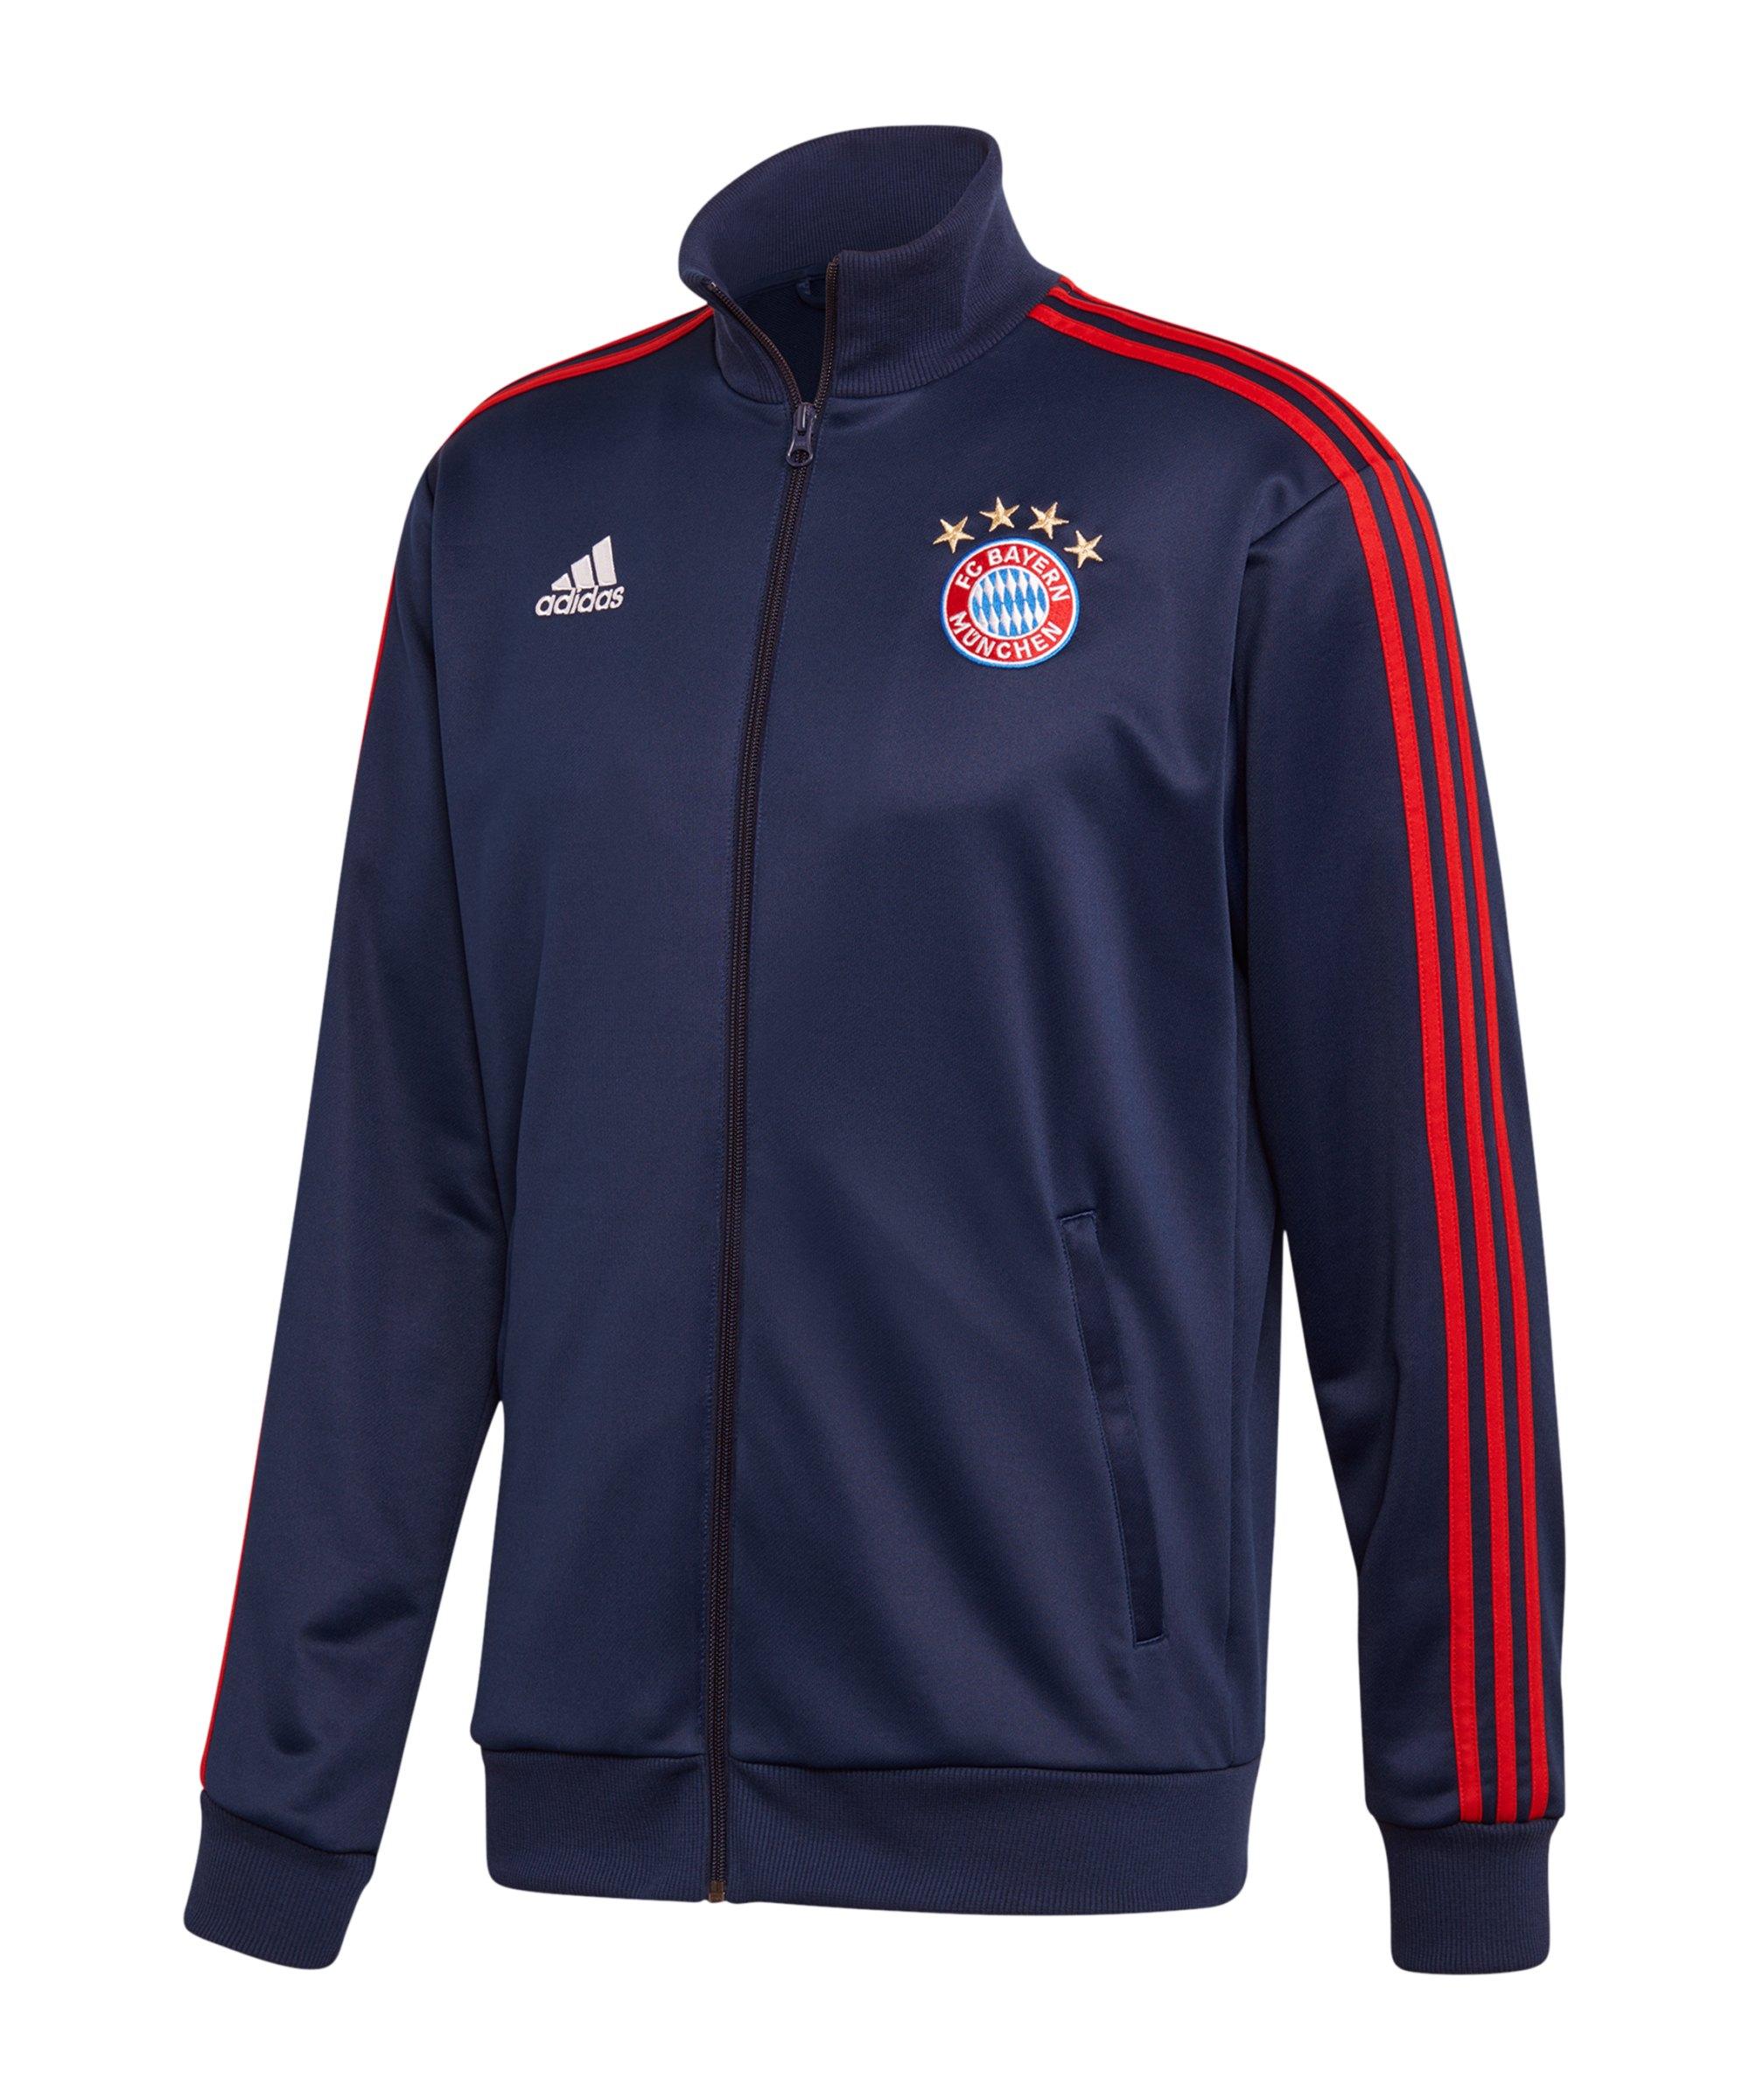 adidas FC Bayern München 3S Trainingsjacke Blau - blau